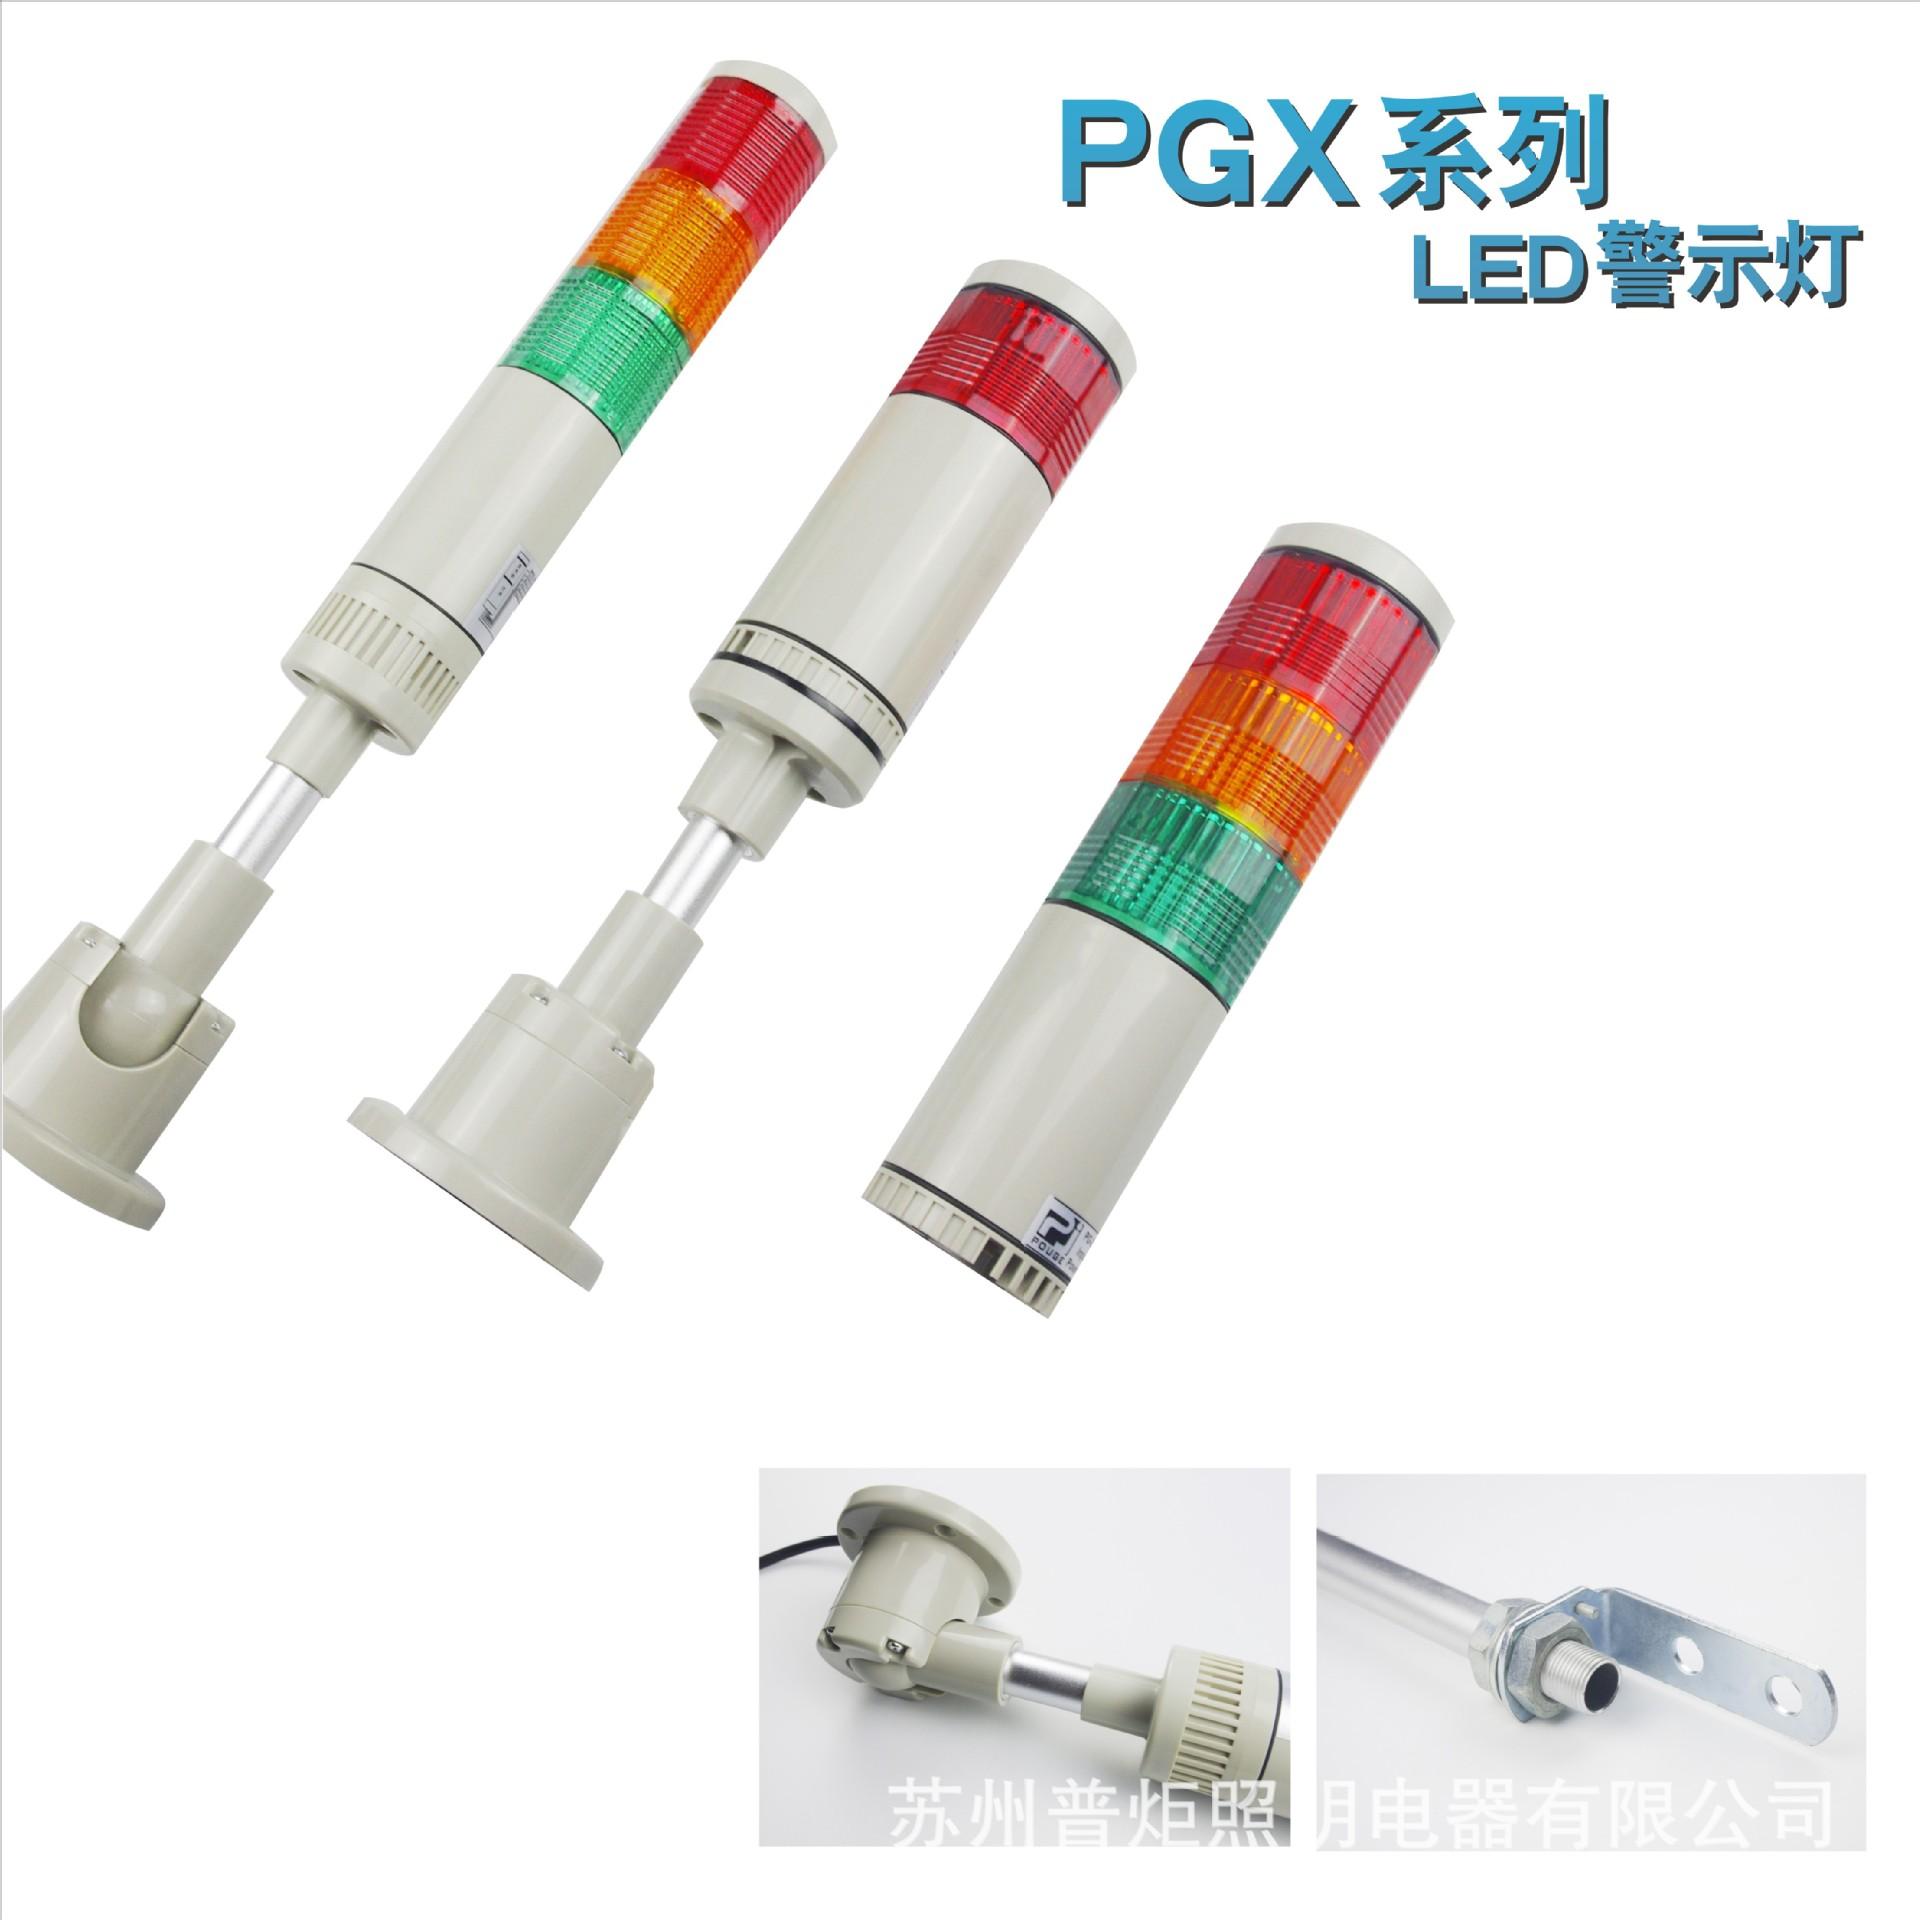 POUGE Đèn tín hiệu Bán trực tiếp Vỏ máy tính trong suốt cao 60mm, đèn báo thiết bị LED uốn cong, đèn